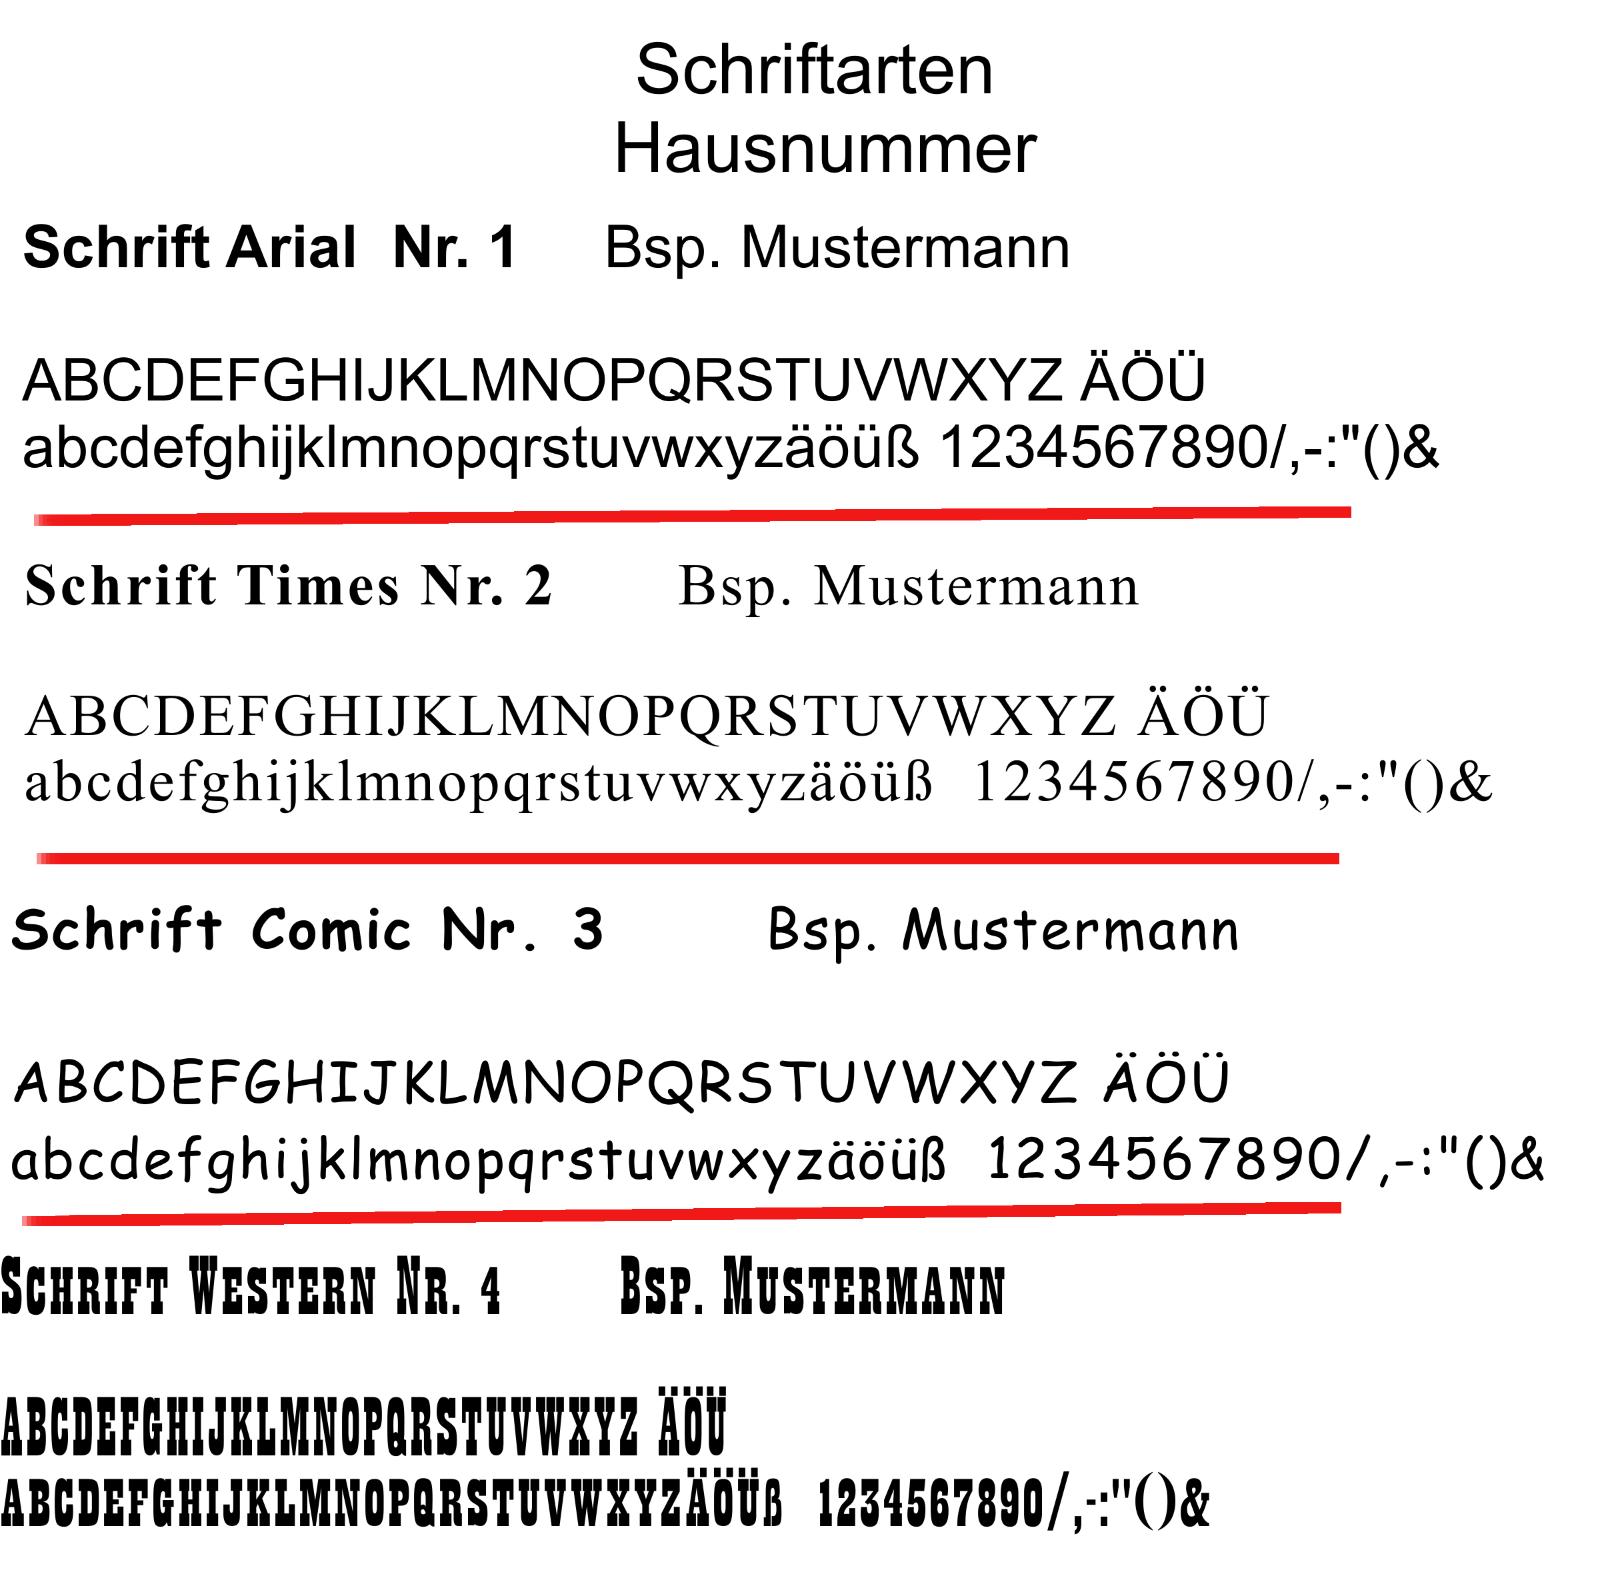 Feiner-Tropfen Hausnummer Schiefer Gravur BK Anker schwarz anthrazit Edelstahl